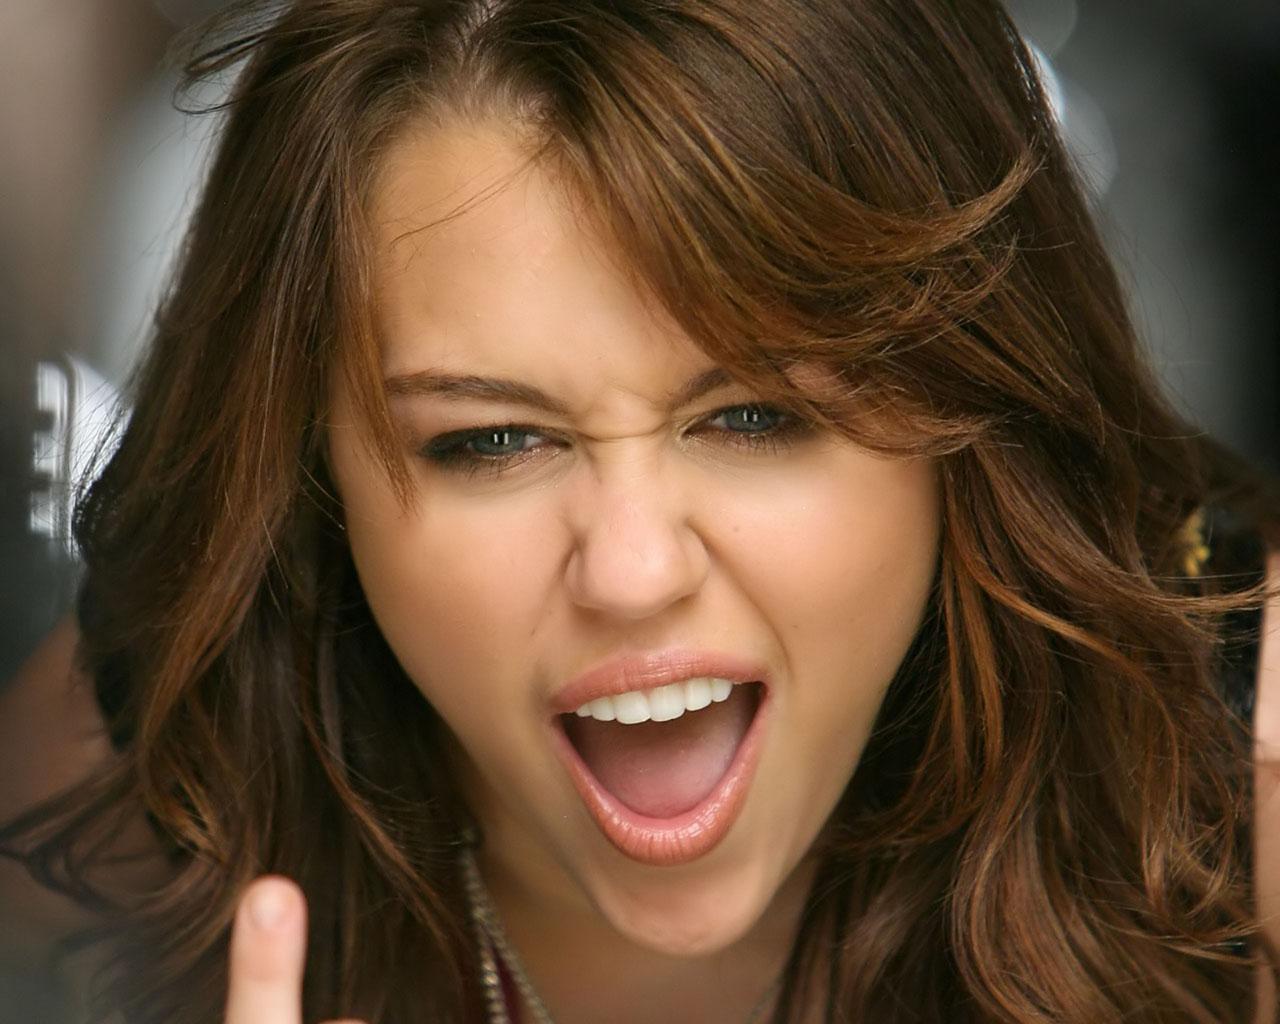 Miley Cyrus: Carroll Bryant: Hollywood Crush #1 Miley Cyrus